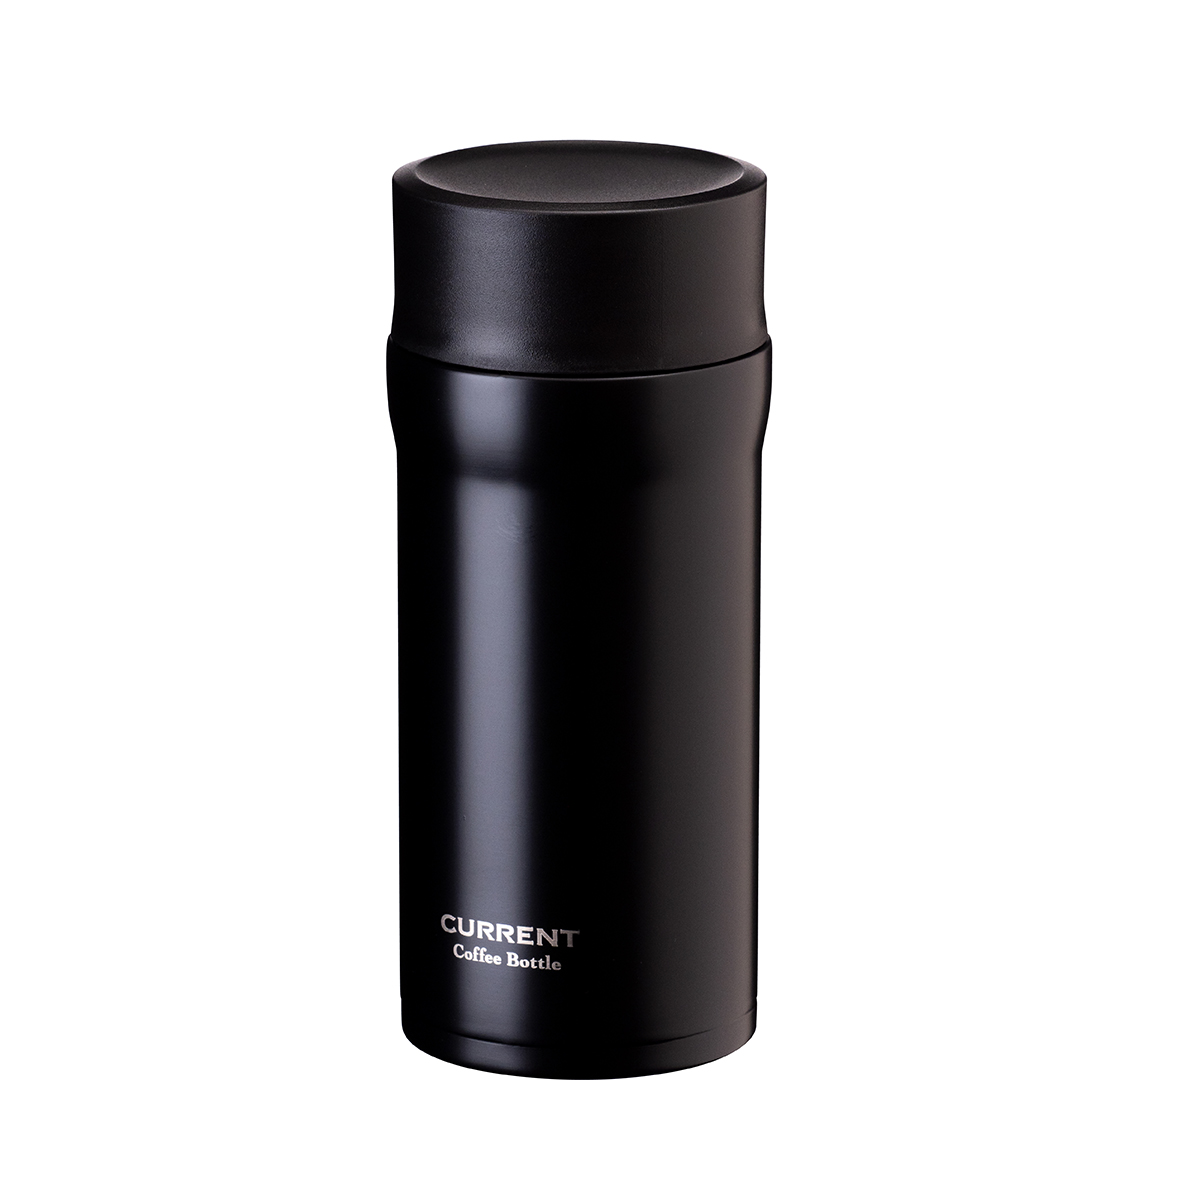 CURRENT コーヒーマグボトル 350ml ブラック image01